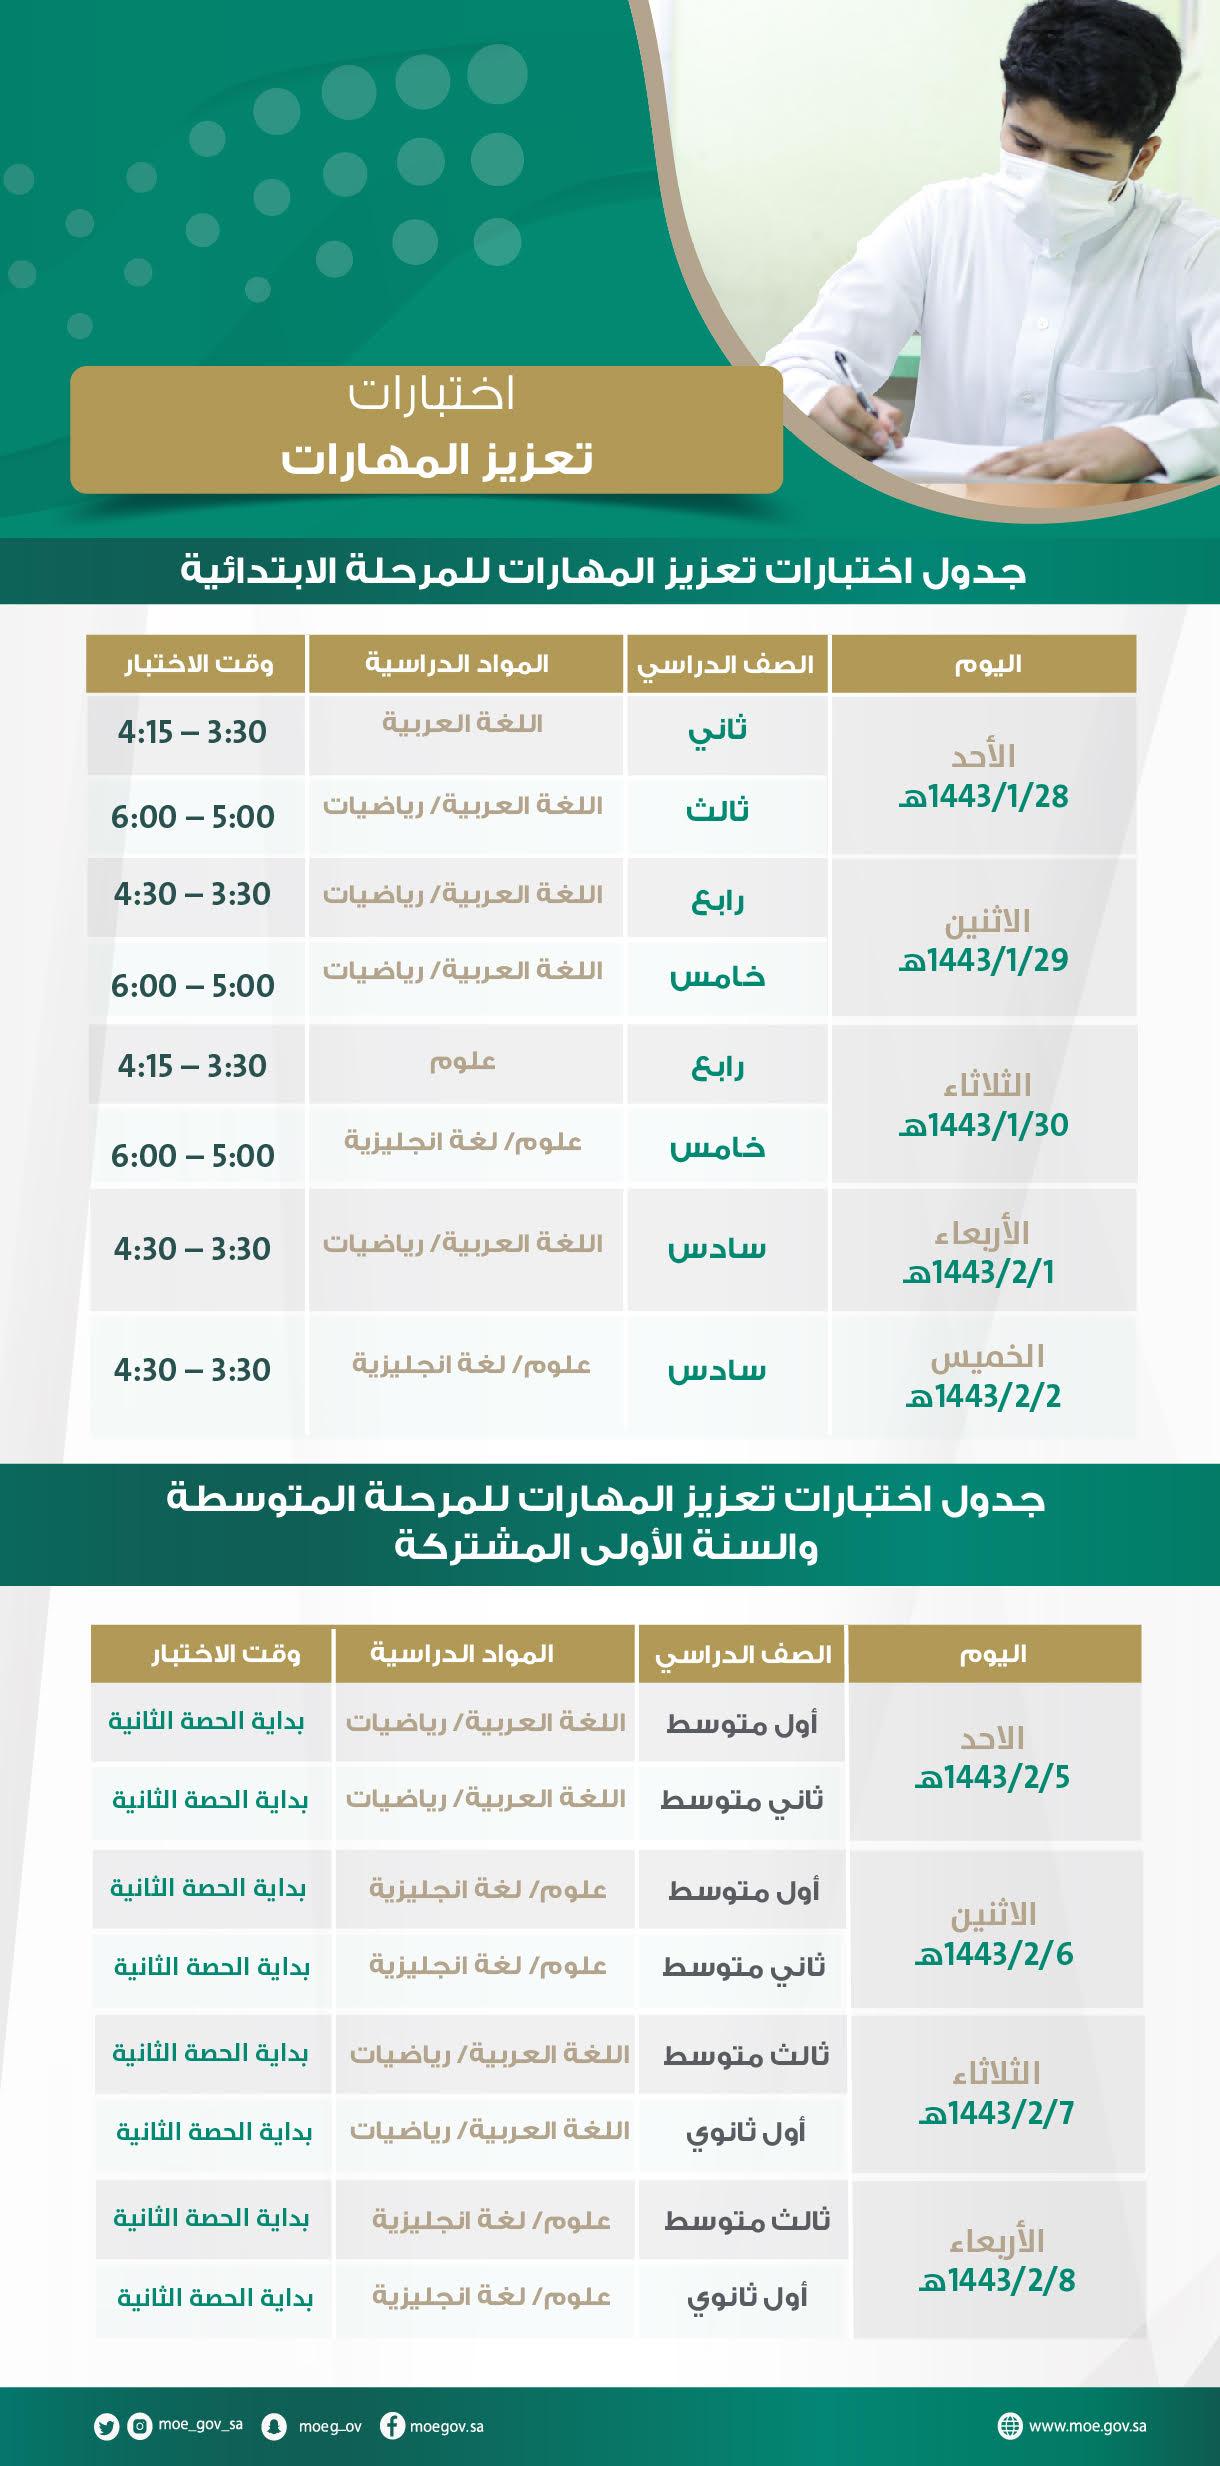 وزارة التعليم تبدأ غداً تطبيق اختبارات تعزيز المهارات للطلبة في مدارس التعليم العام